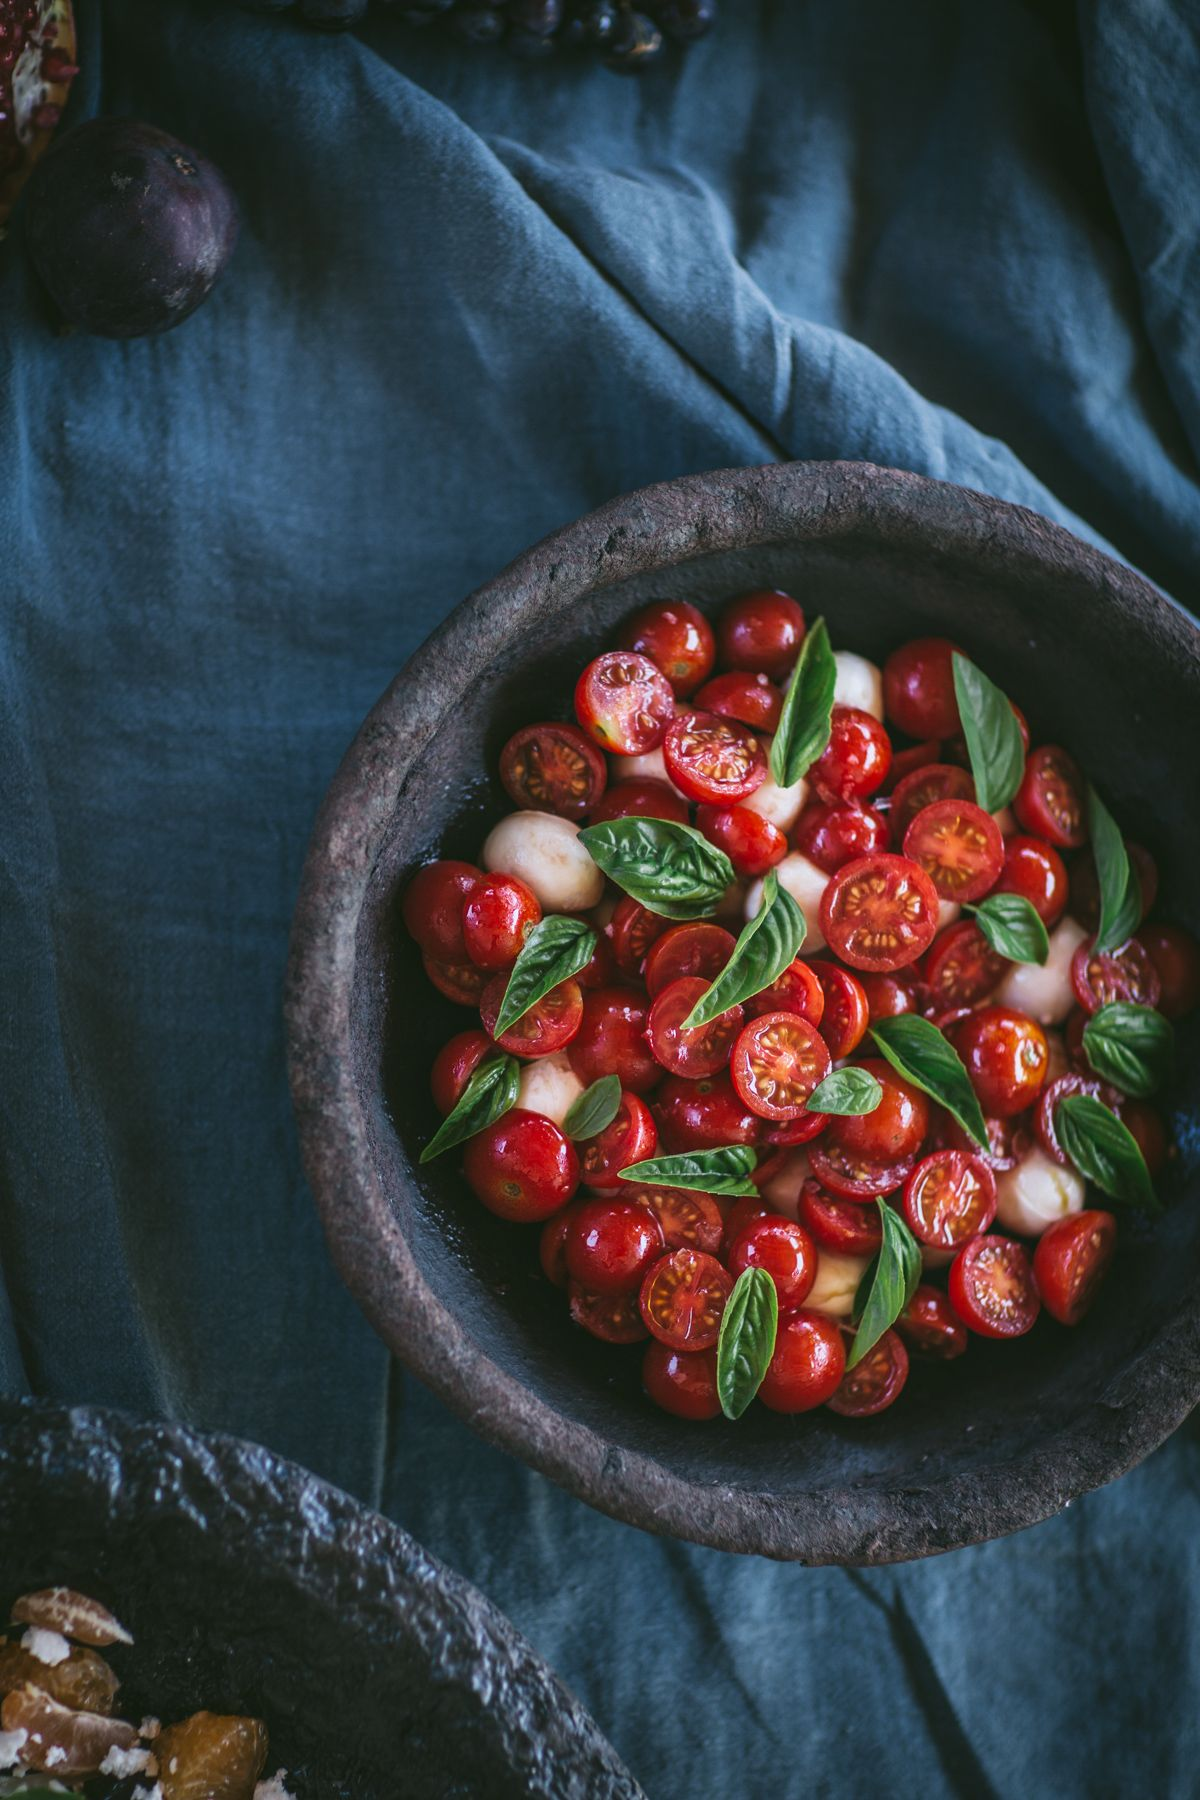 Croatia Food Photography Workshop | Adventures in Cooking